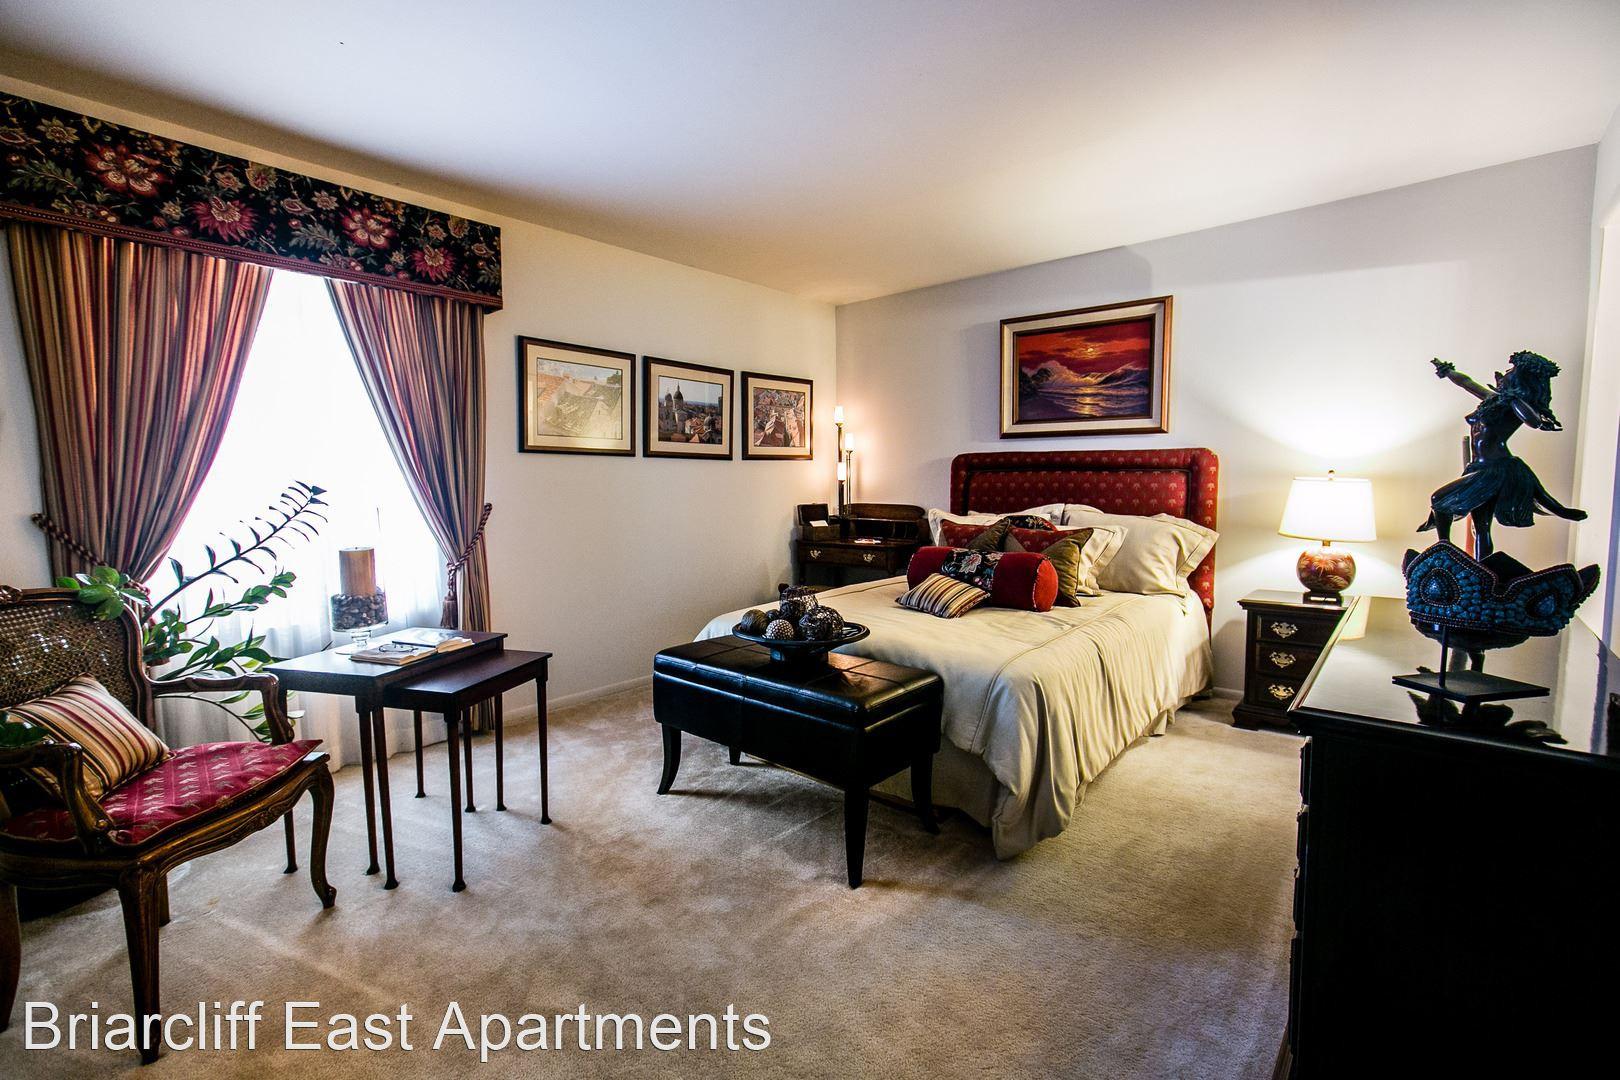 Apartments Near Stevenson Briarcliff for Stevenson Students in Stevenson, MD